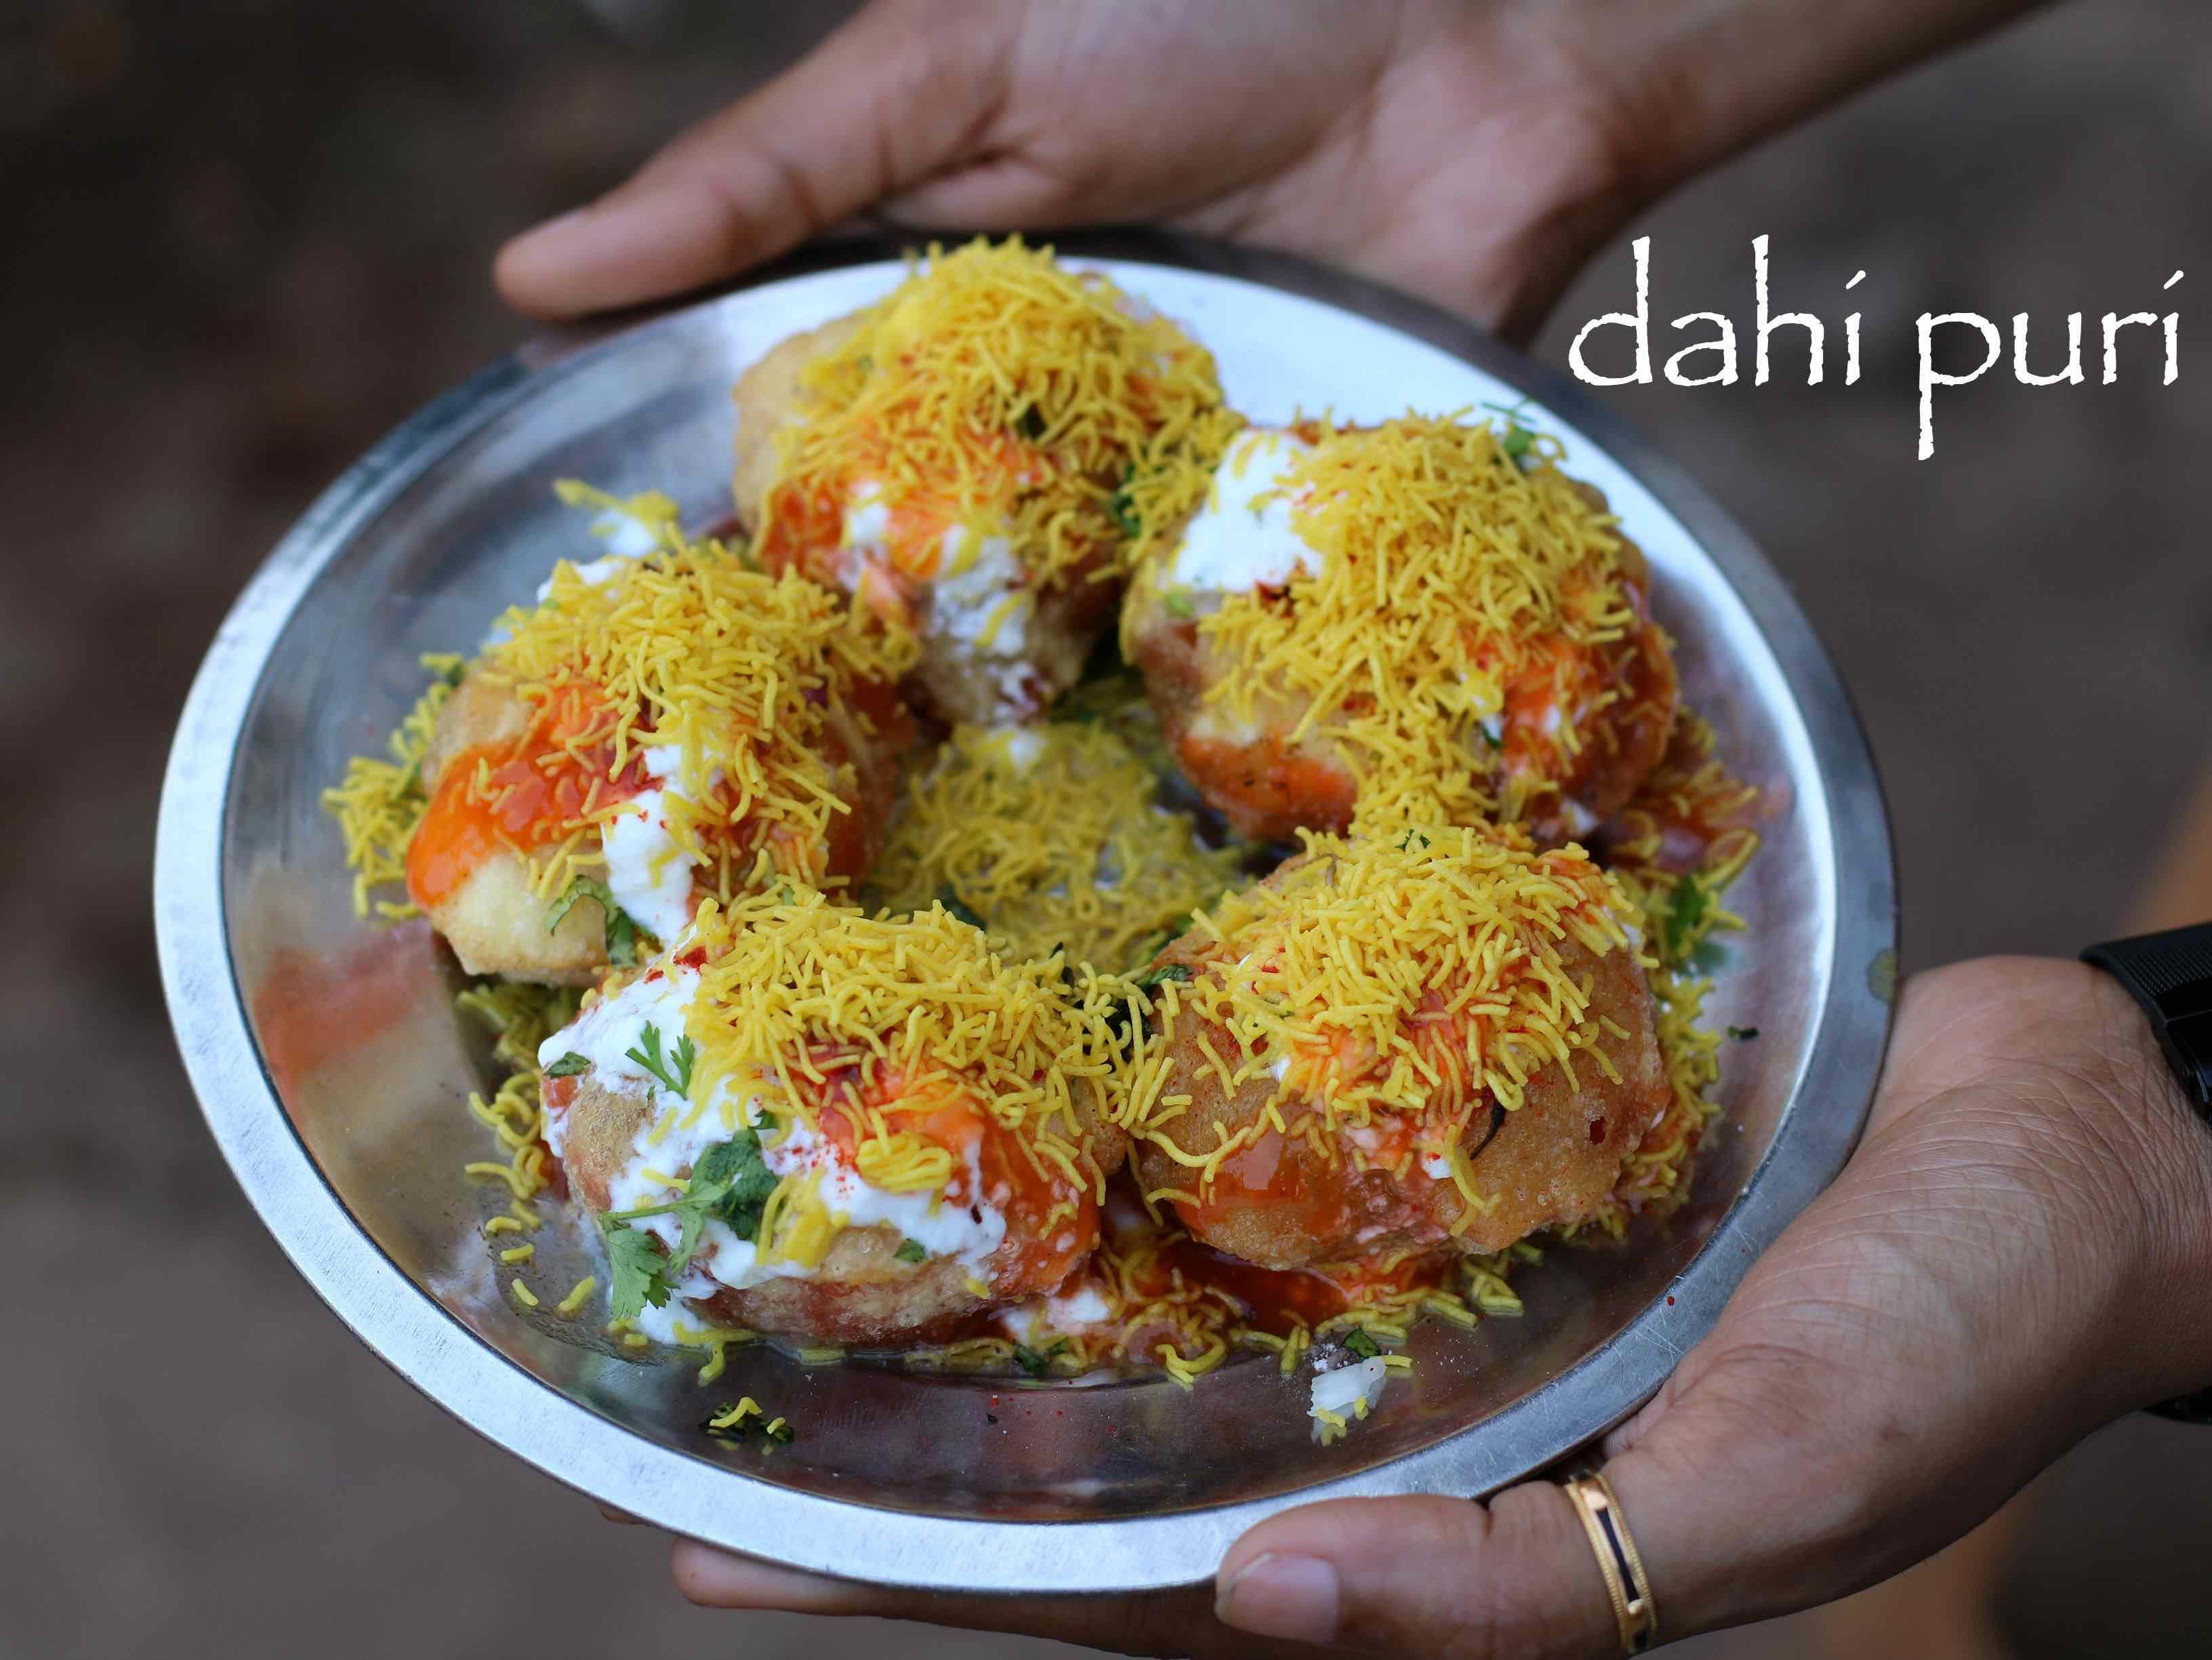 Dahi puri recipe how to make dahi batata puri with step by step dahi puri recipe how to make dahi batata puri with step by step photo forumfinder Images